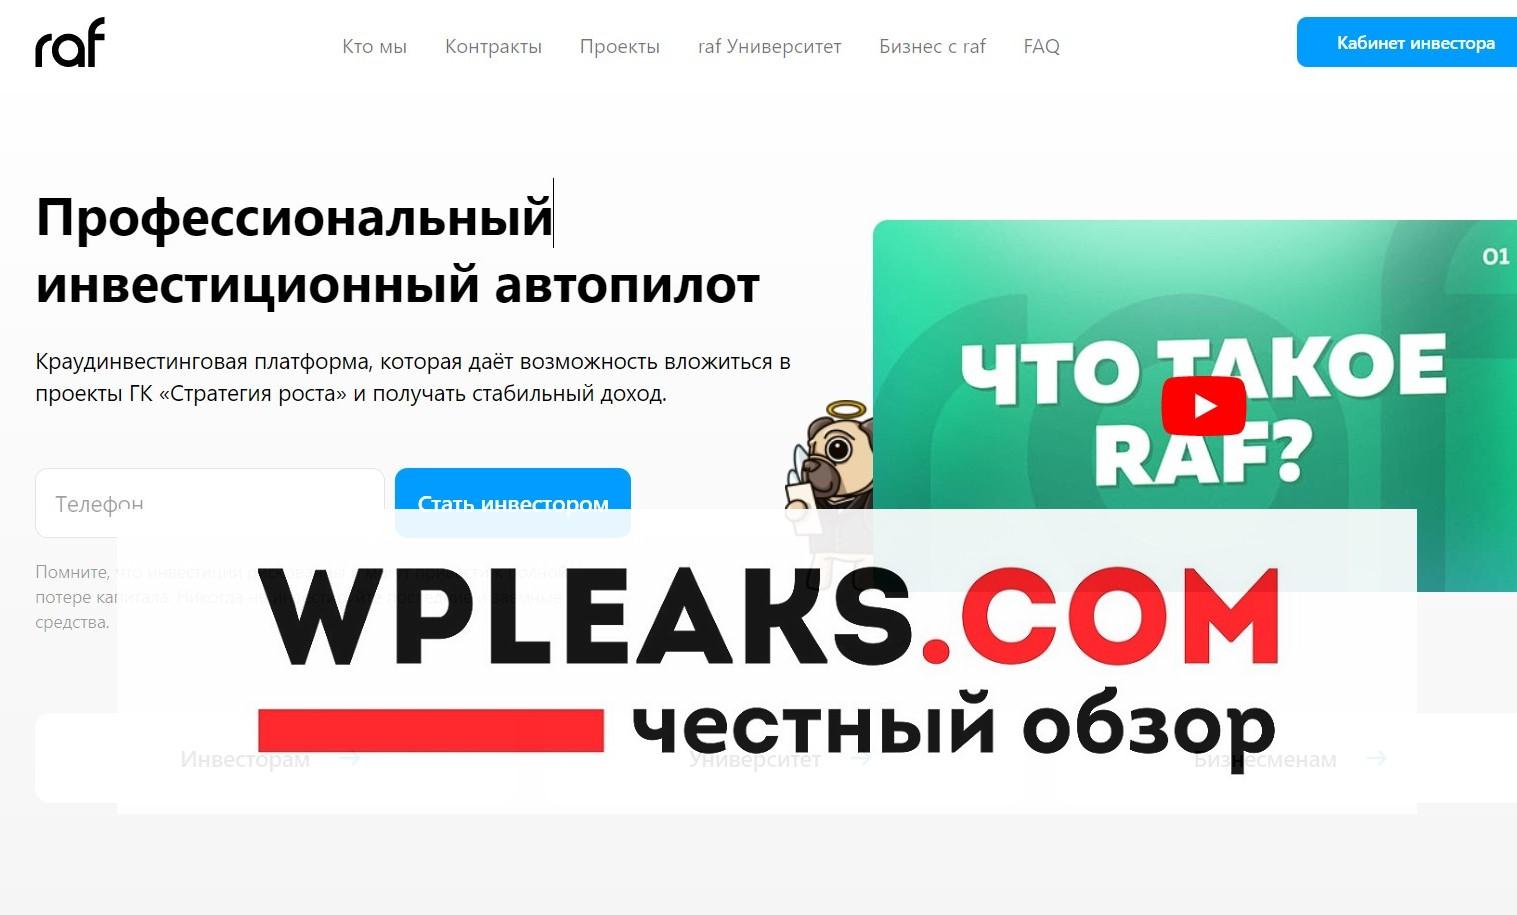 raf.ru отзывы